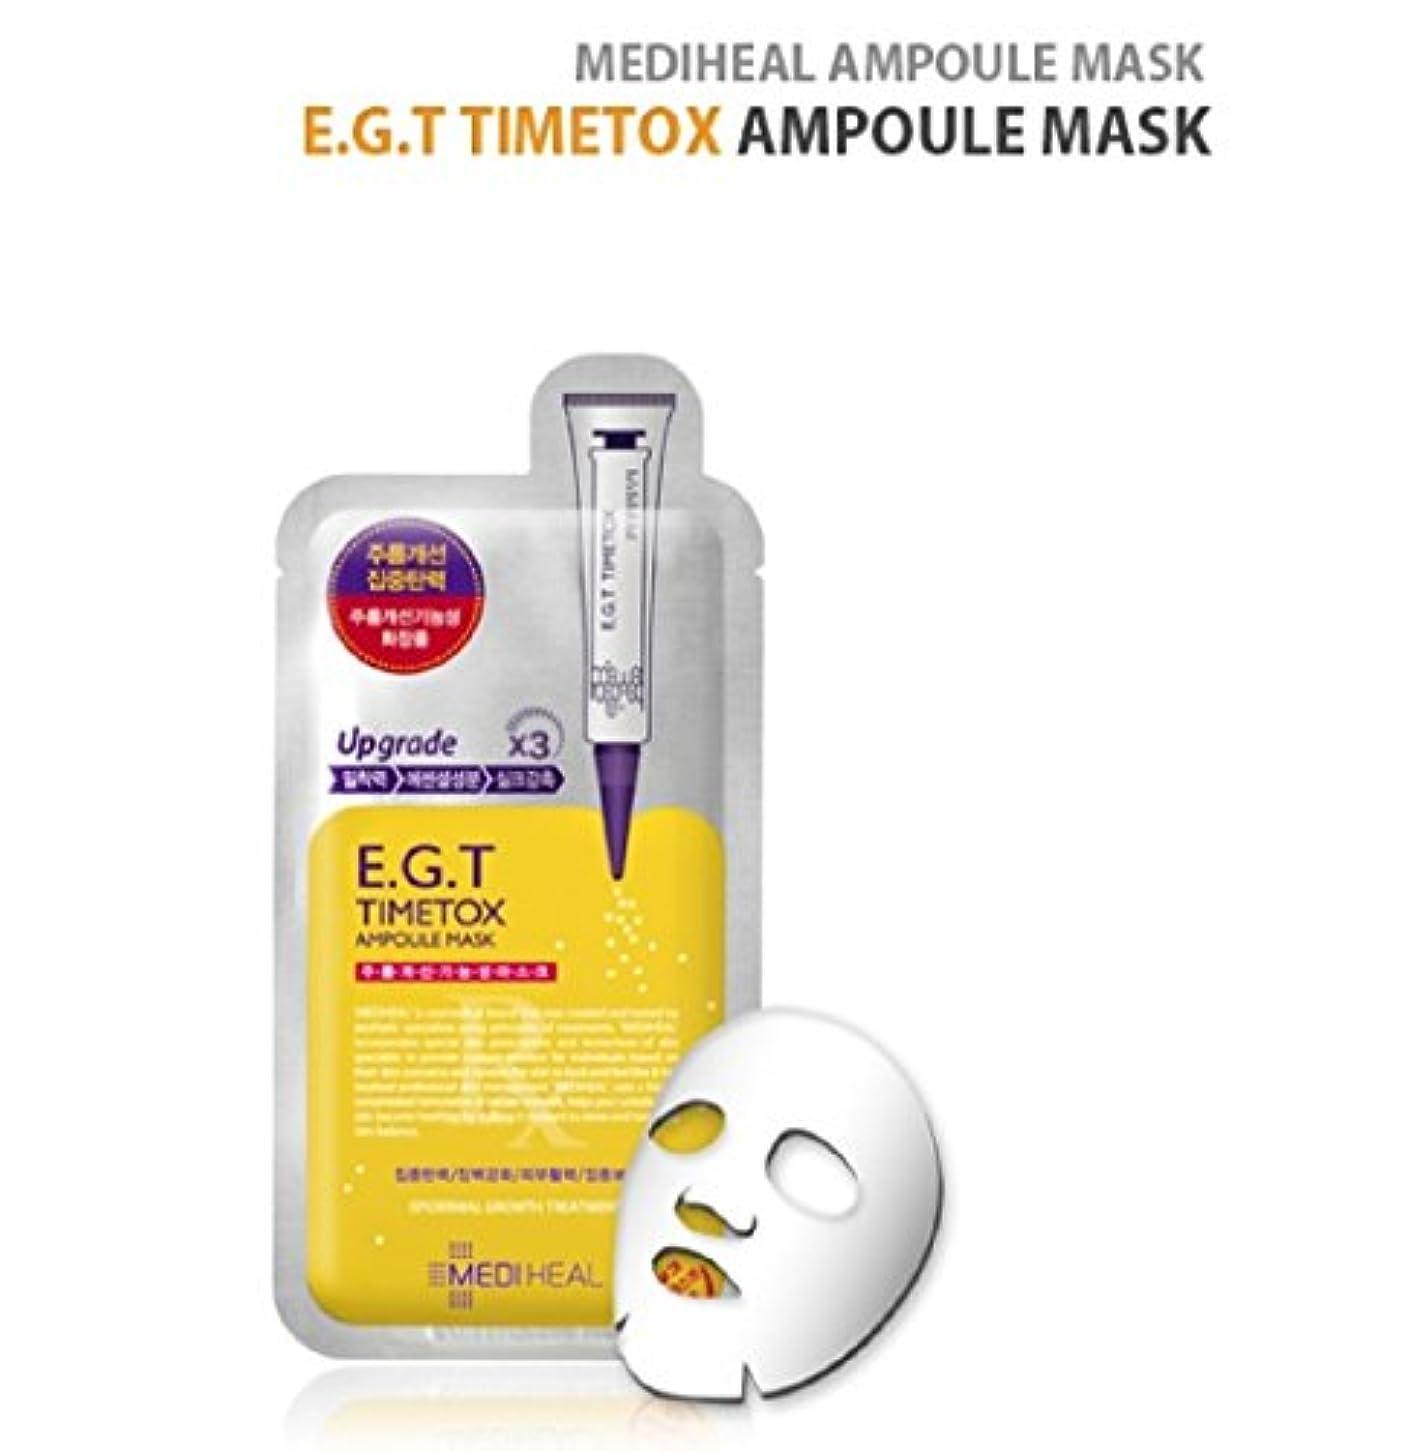 あいさつ神経なめらか【メディヒール】Timetoxアンプルマスクパック (10枚)5Upgrade MEDIHEAL E.G.T Timetox Ampule Mask Pack REX 10 piece [並行輸入品]